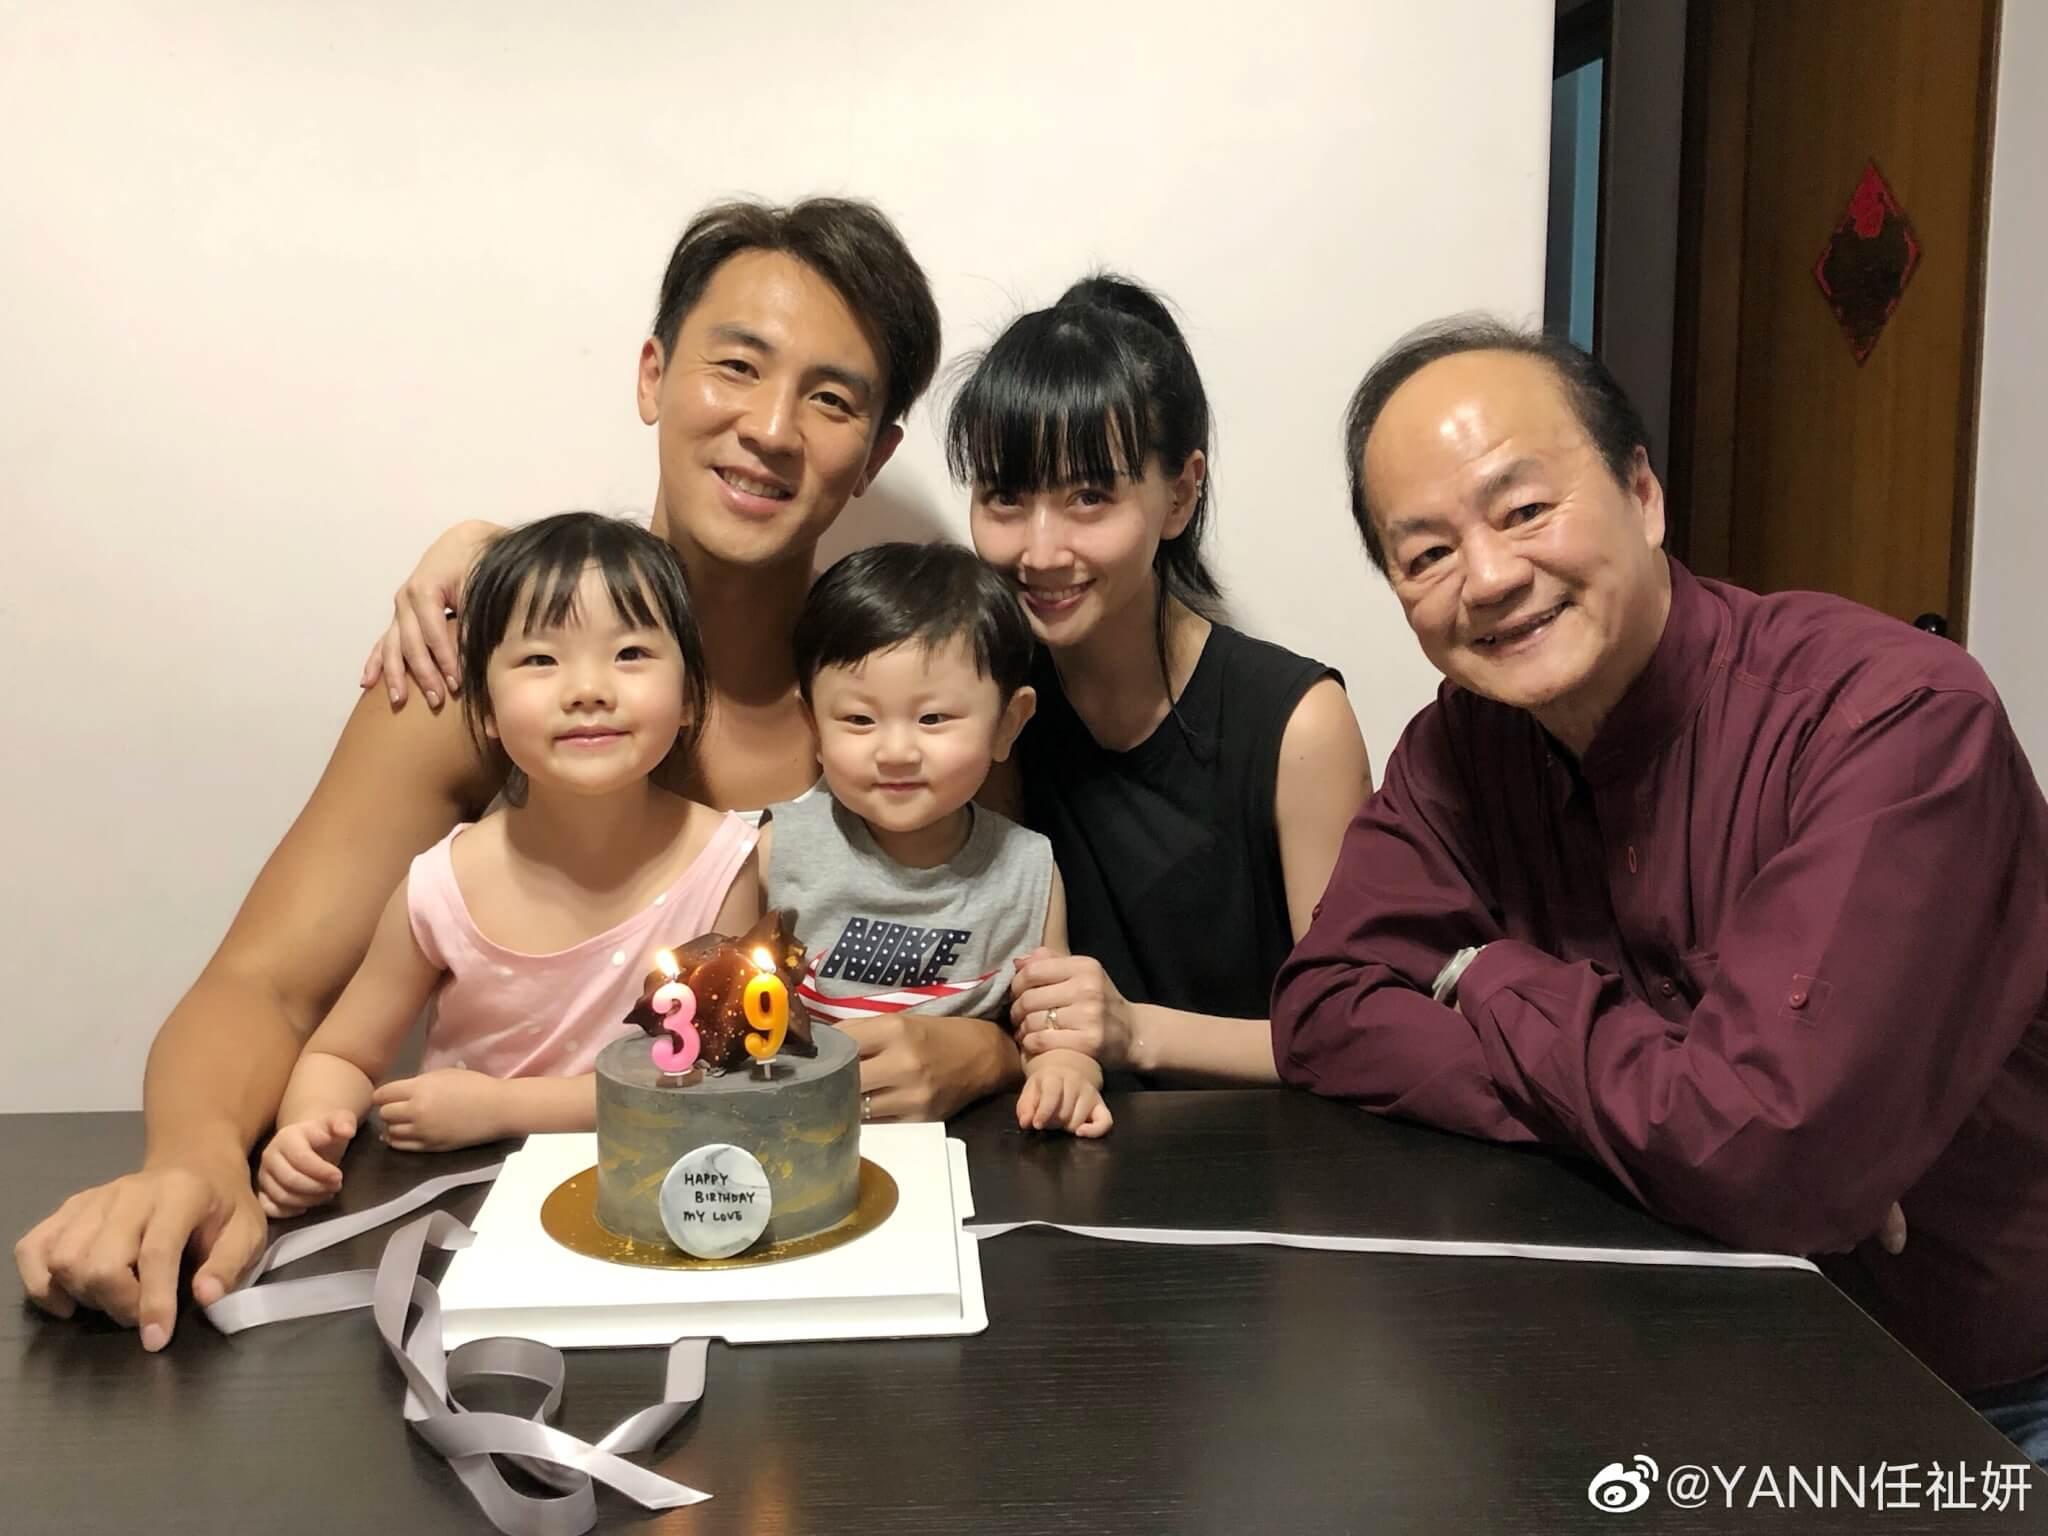 日前全家為他慶祝生日,連父親狄龍亦有出席。